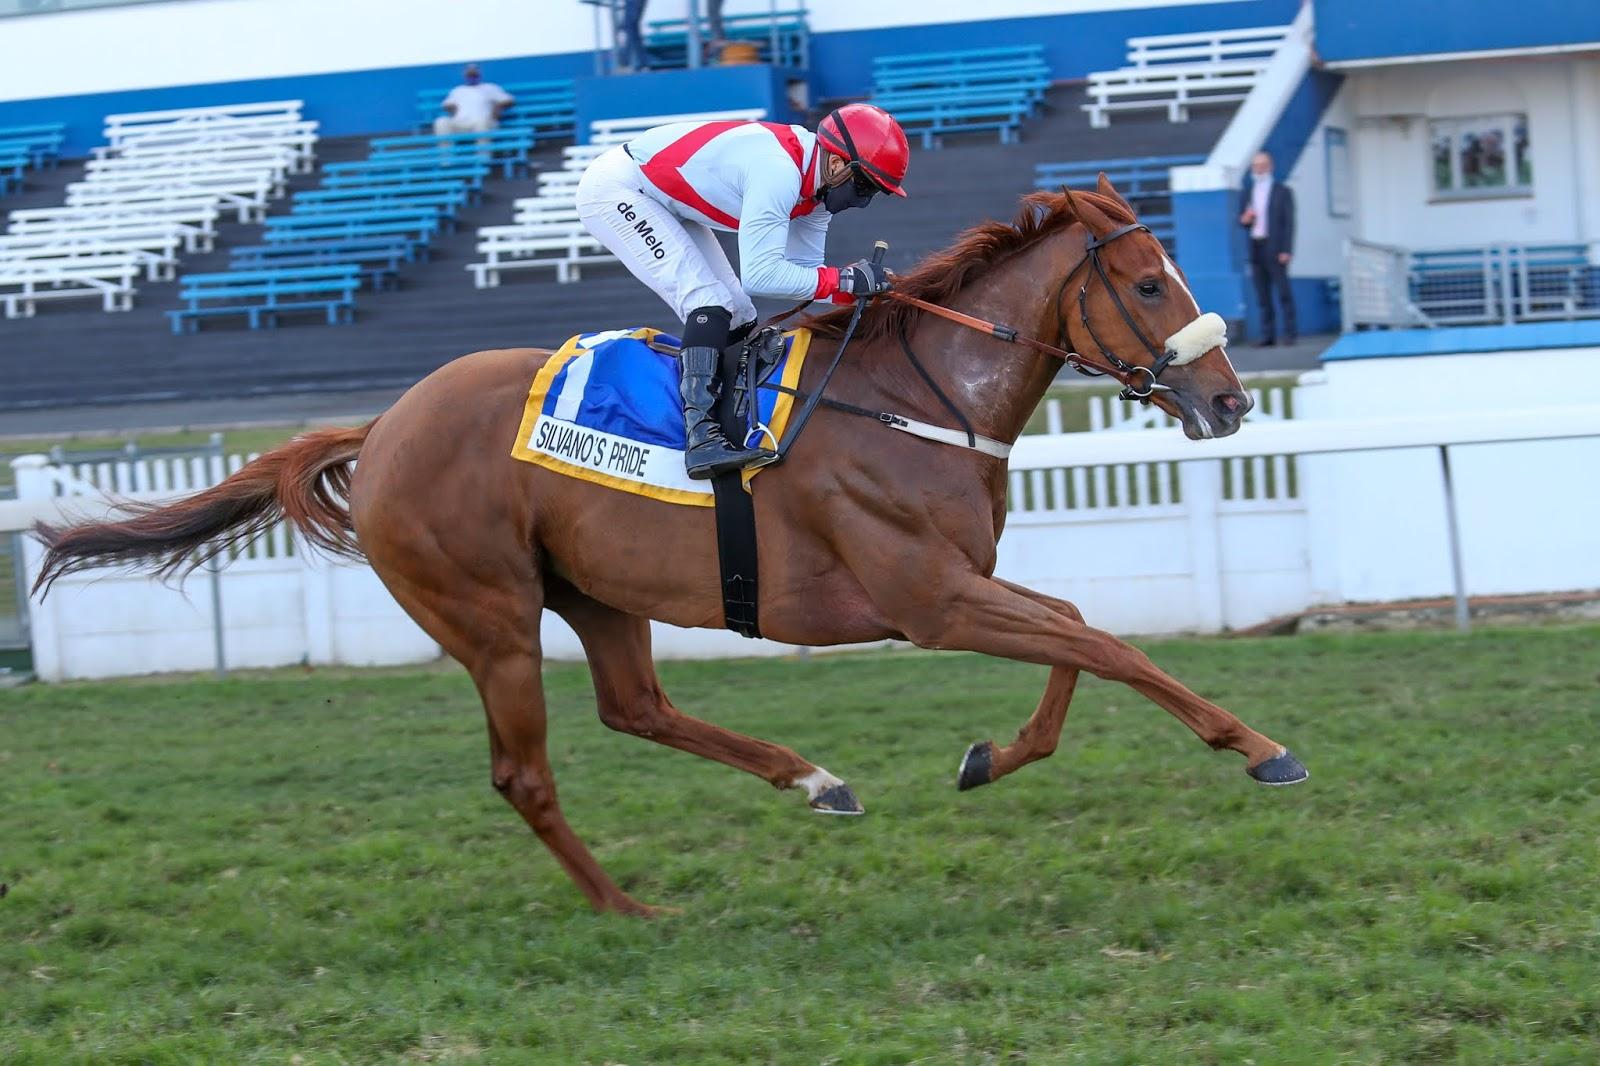 Vodacom Durban July 2020 Horse Profile - Silvano's Pride